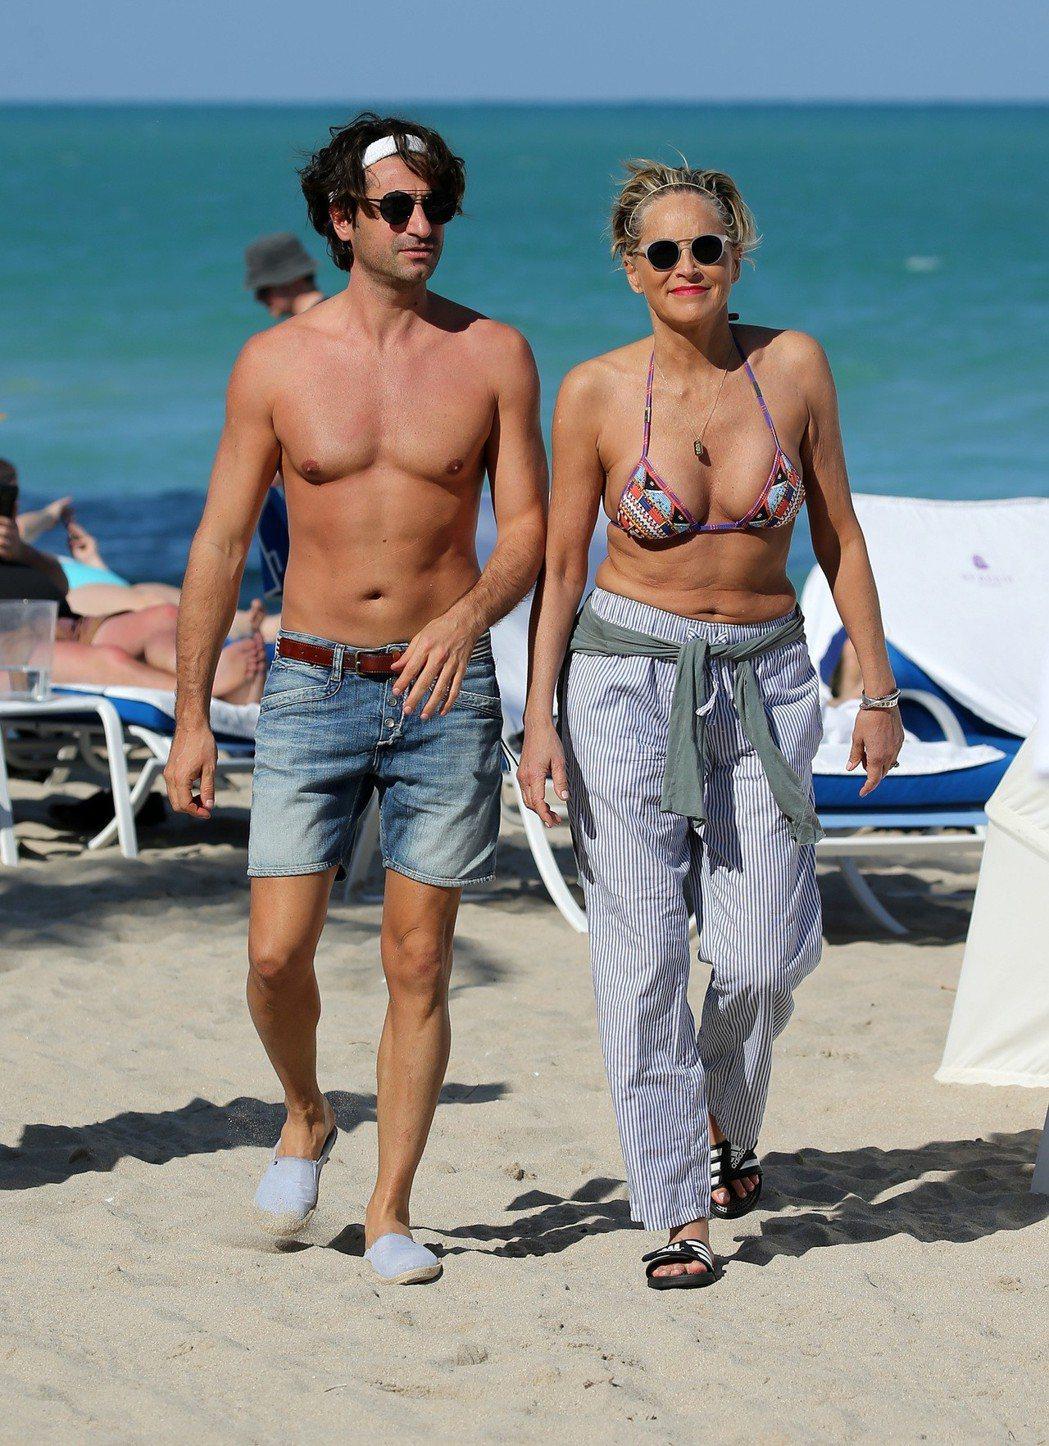 莎朗史東過60大壽,和41歲小男友享受陽光海灘假期。圖/達志影像